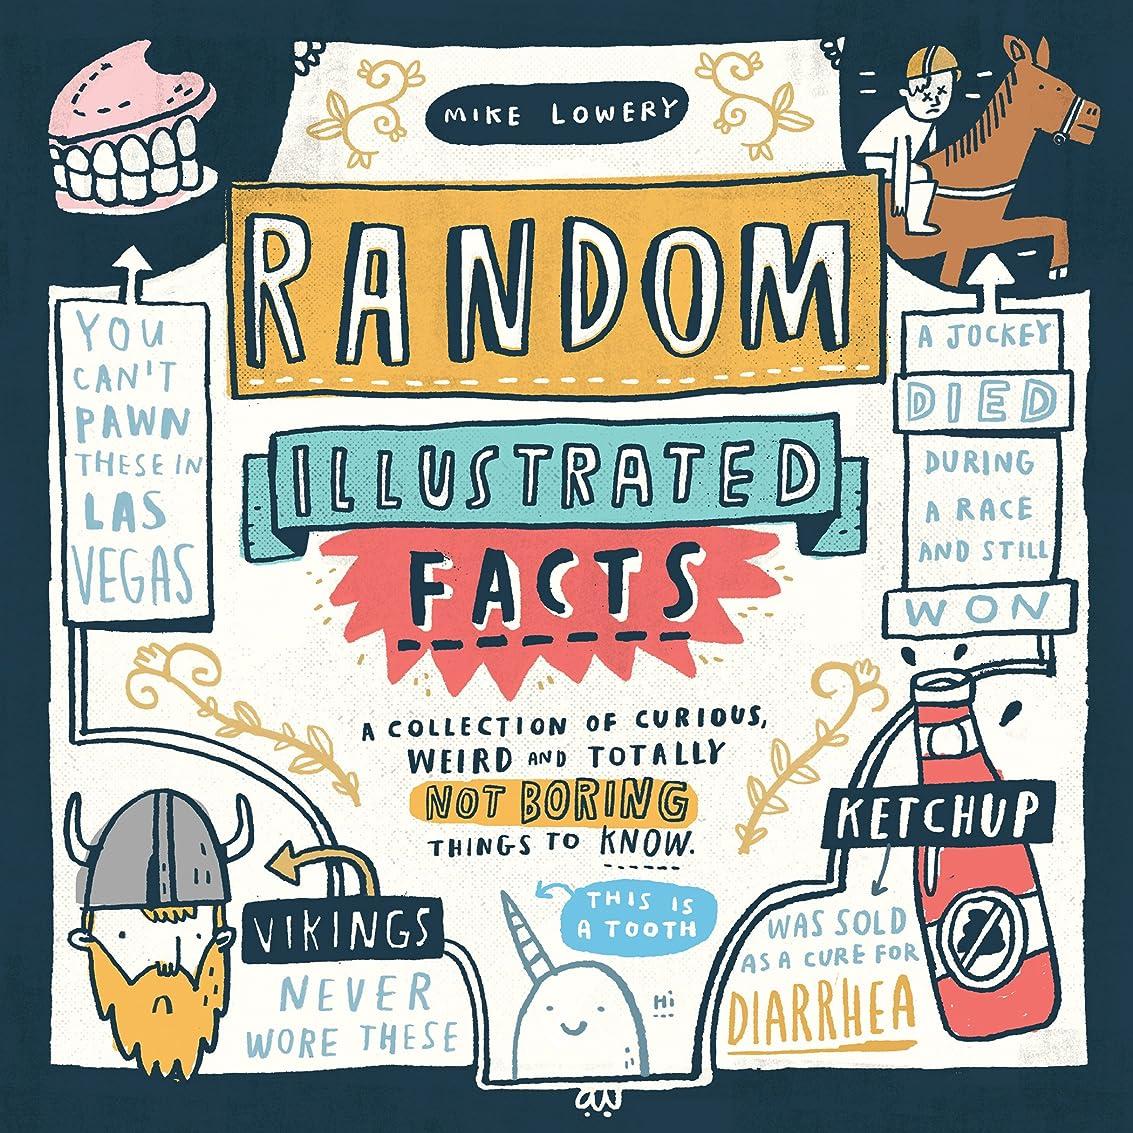 最初は水素腫瘍Random Illustrated Facts: A Collection of Curious, Weird, and Totally Not Boring Things to Know (English Edition)